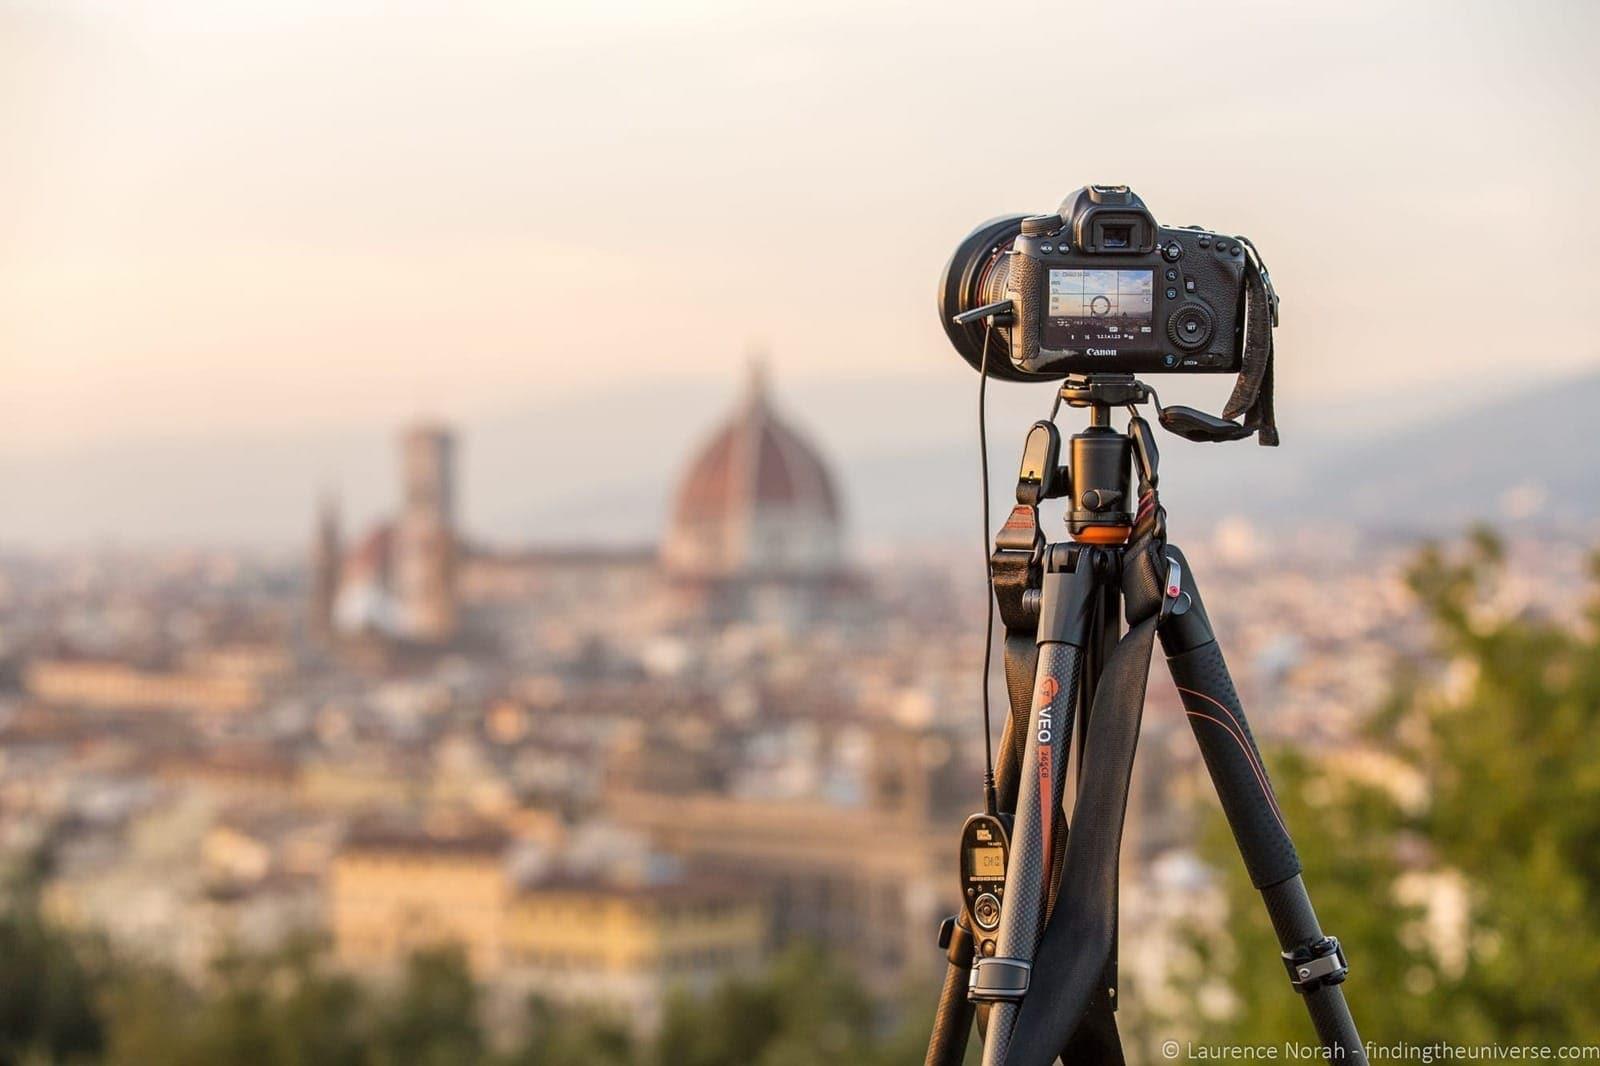 Menggunakan tripod pada kamera